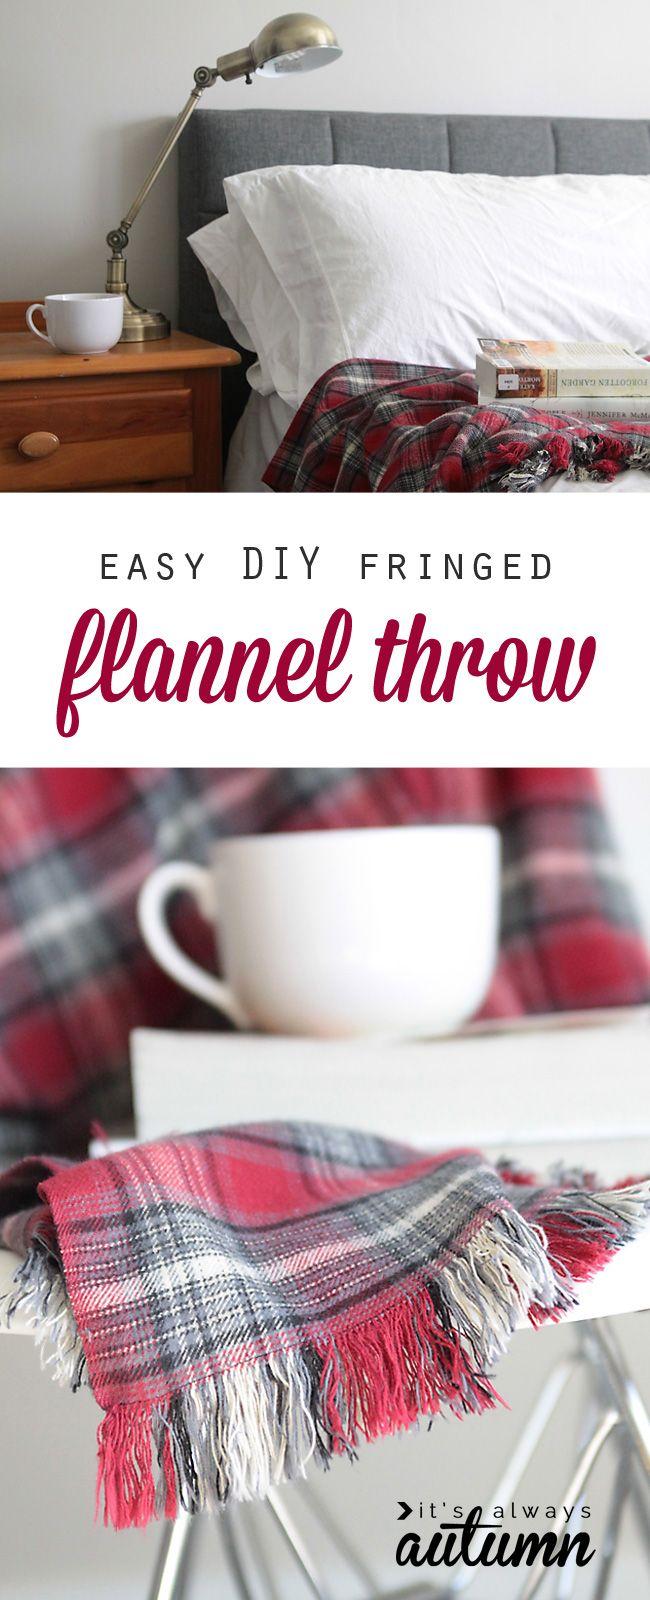 Easy DIY Fringed Gift